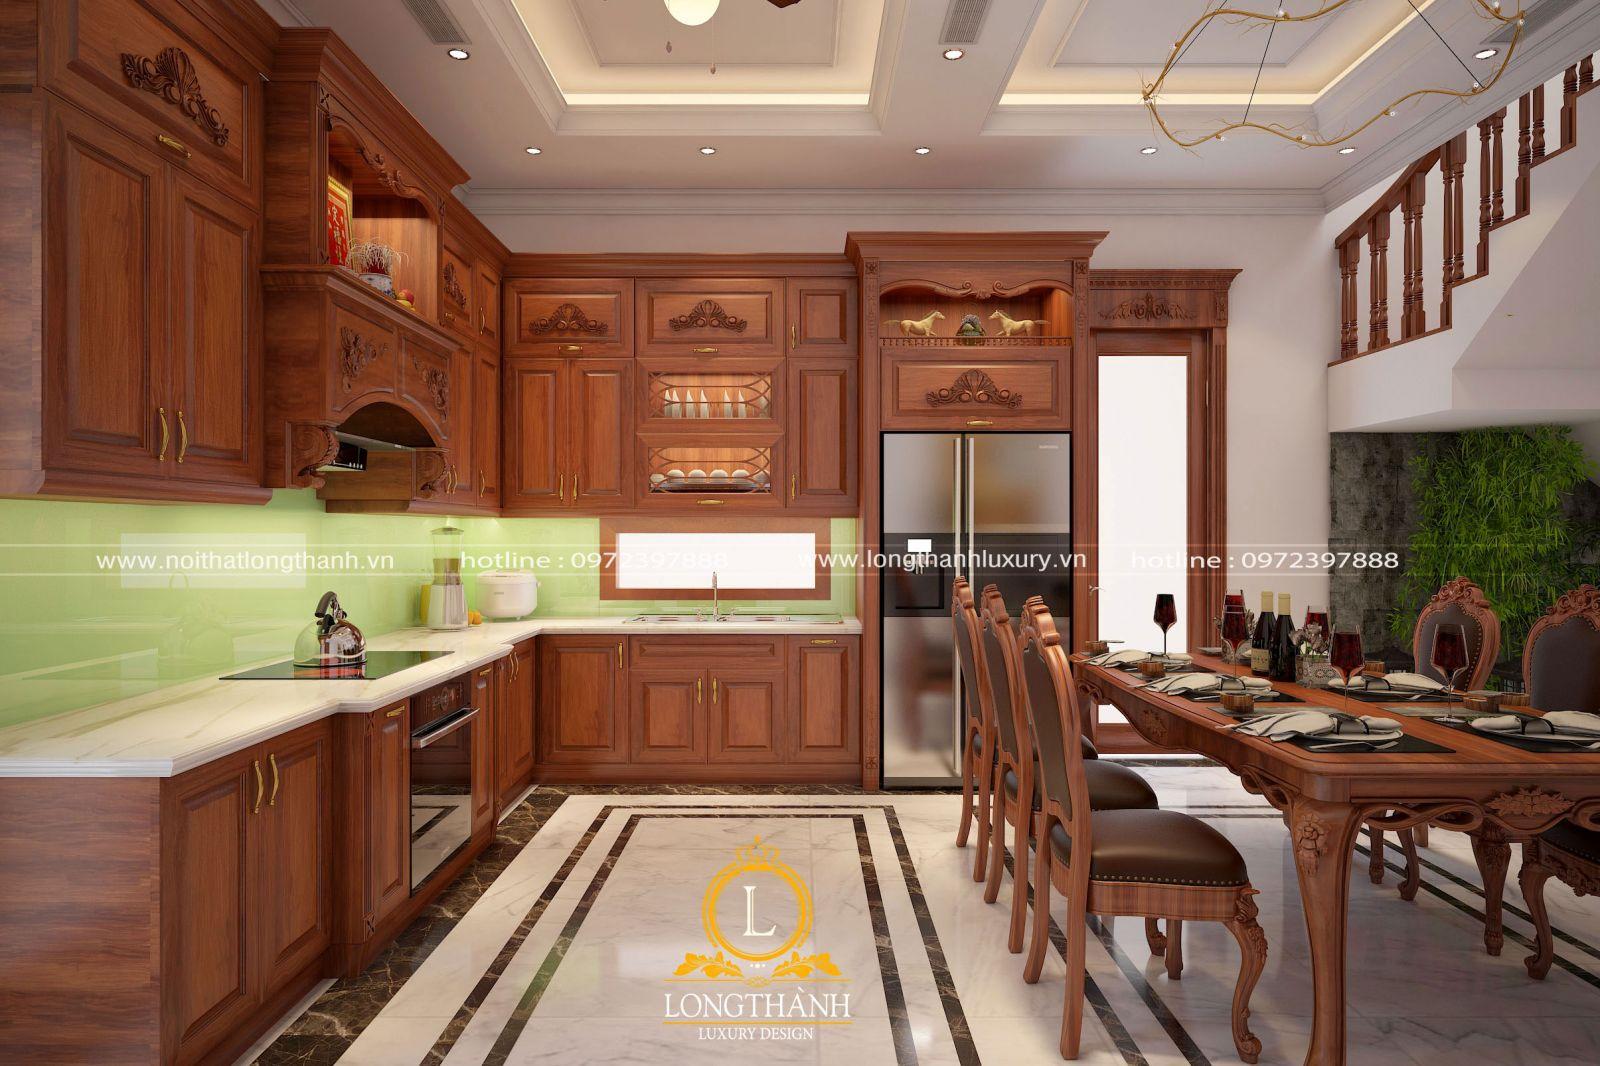 Tủ bếp tân cổ điển đẹp được gia công tỉ mỉ trong từng chi tiết  thể hiện đẳng cấp gia chủ